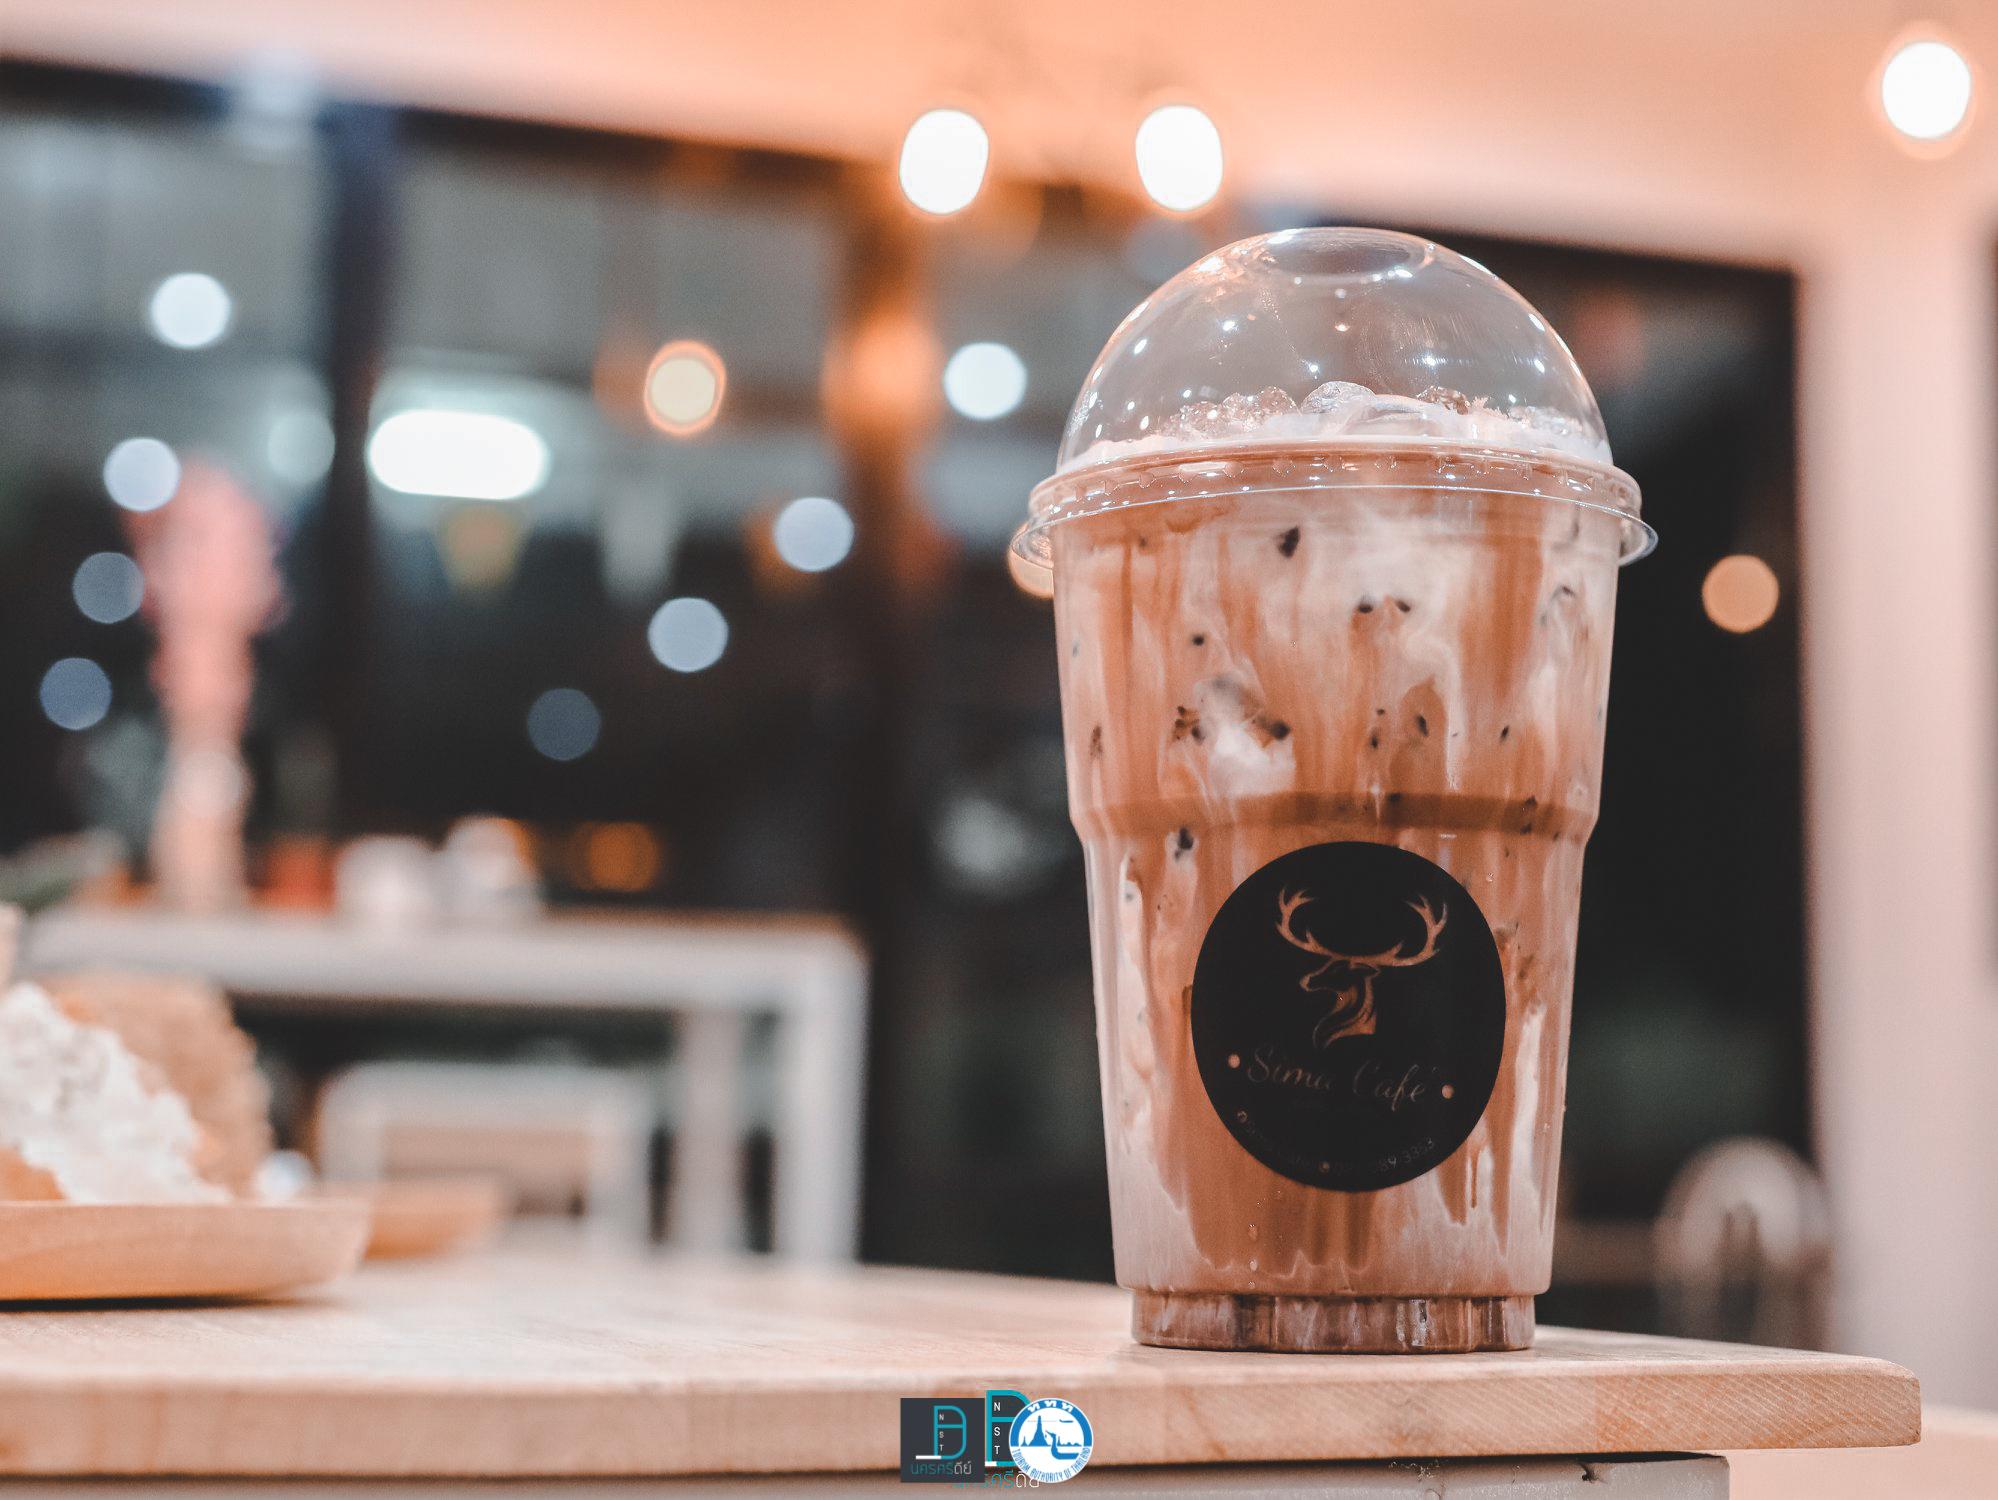 8.-Sima-Cafe-ฉวาง-บอกเลยช็อกเข้มเด็ดเช่นกันร้านอาจจะไกลหน่อยตามไปชิมได้ครับ โกโก้,นครศรีธรรมราช,อร่อย,ergo,coffee,ของกิน,เครื่องดื่ม,คาเฟ่